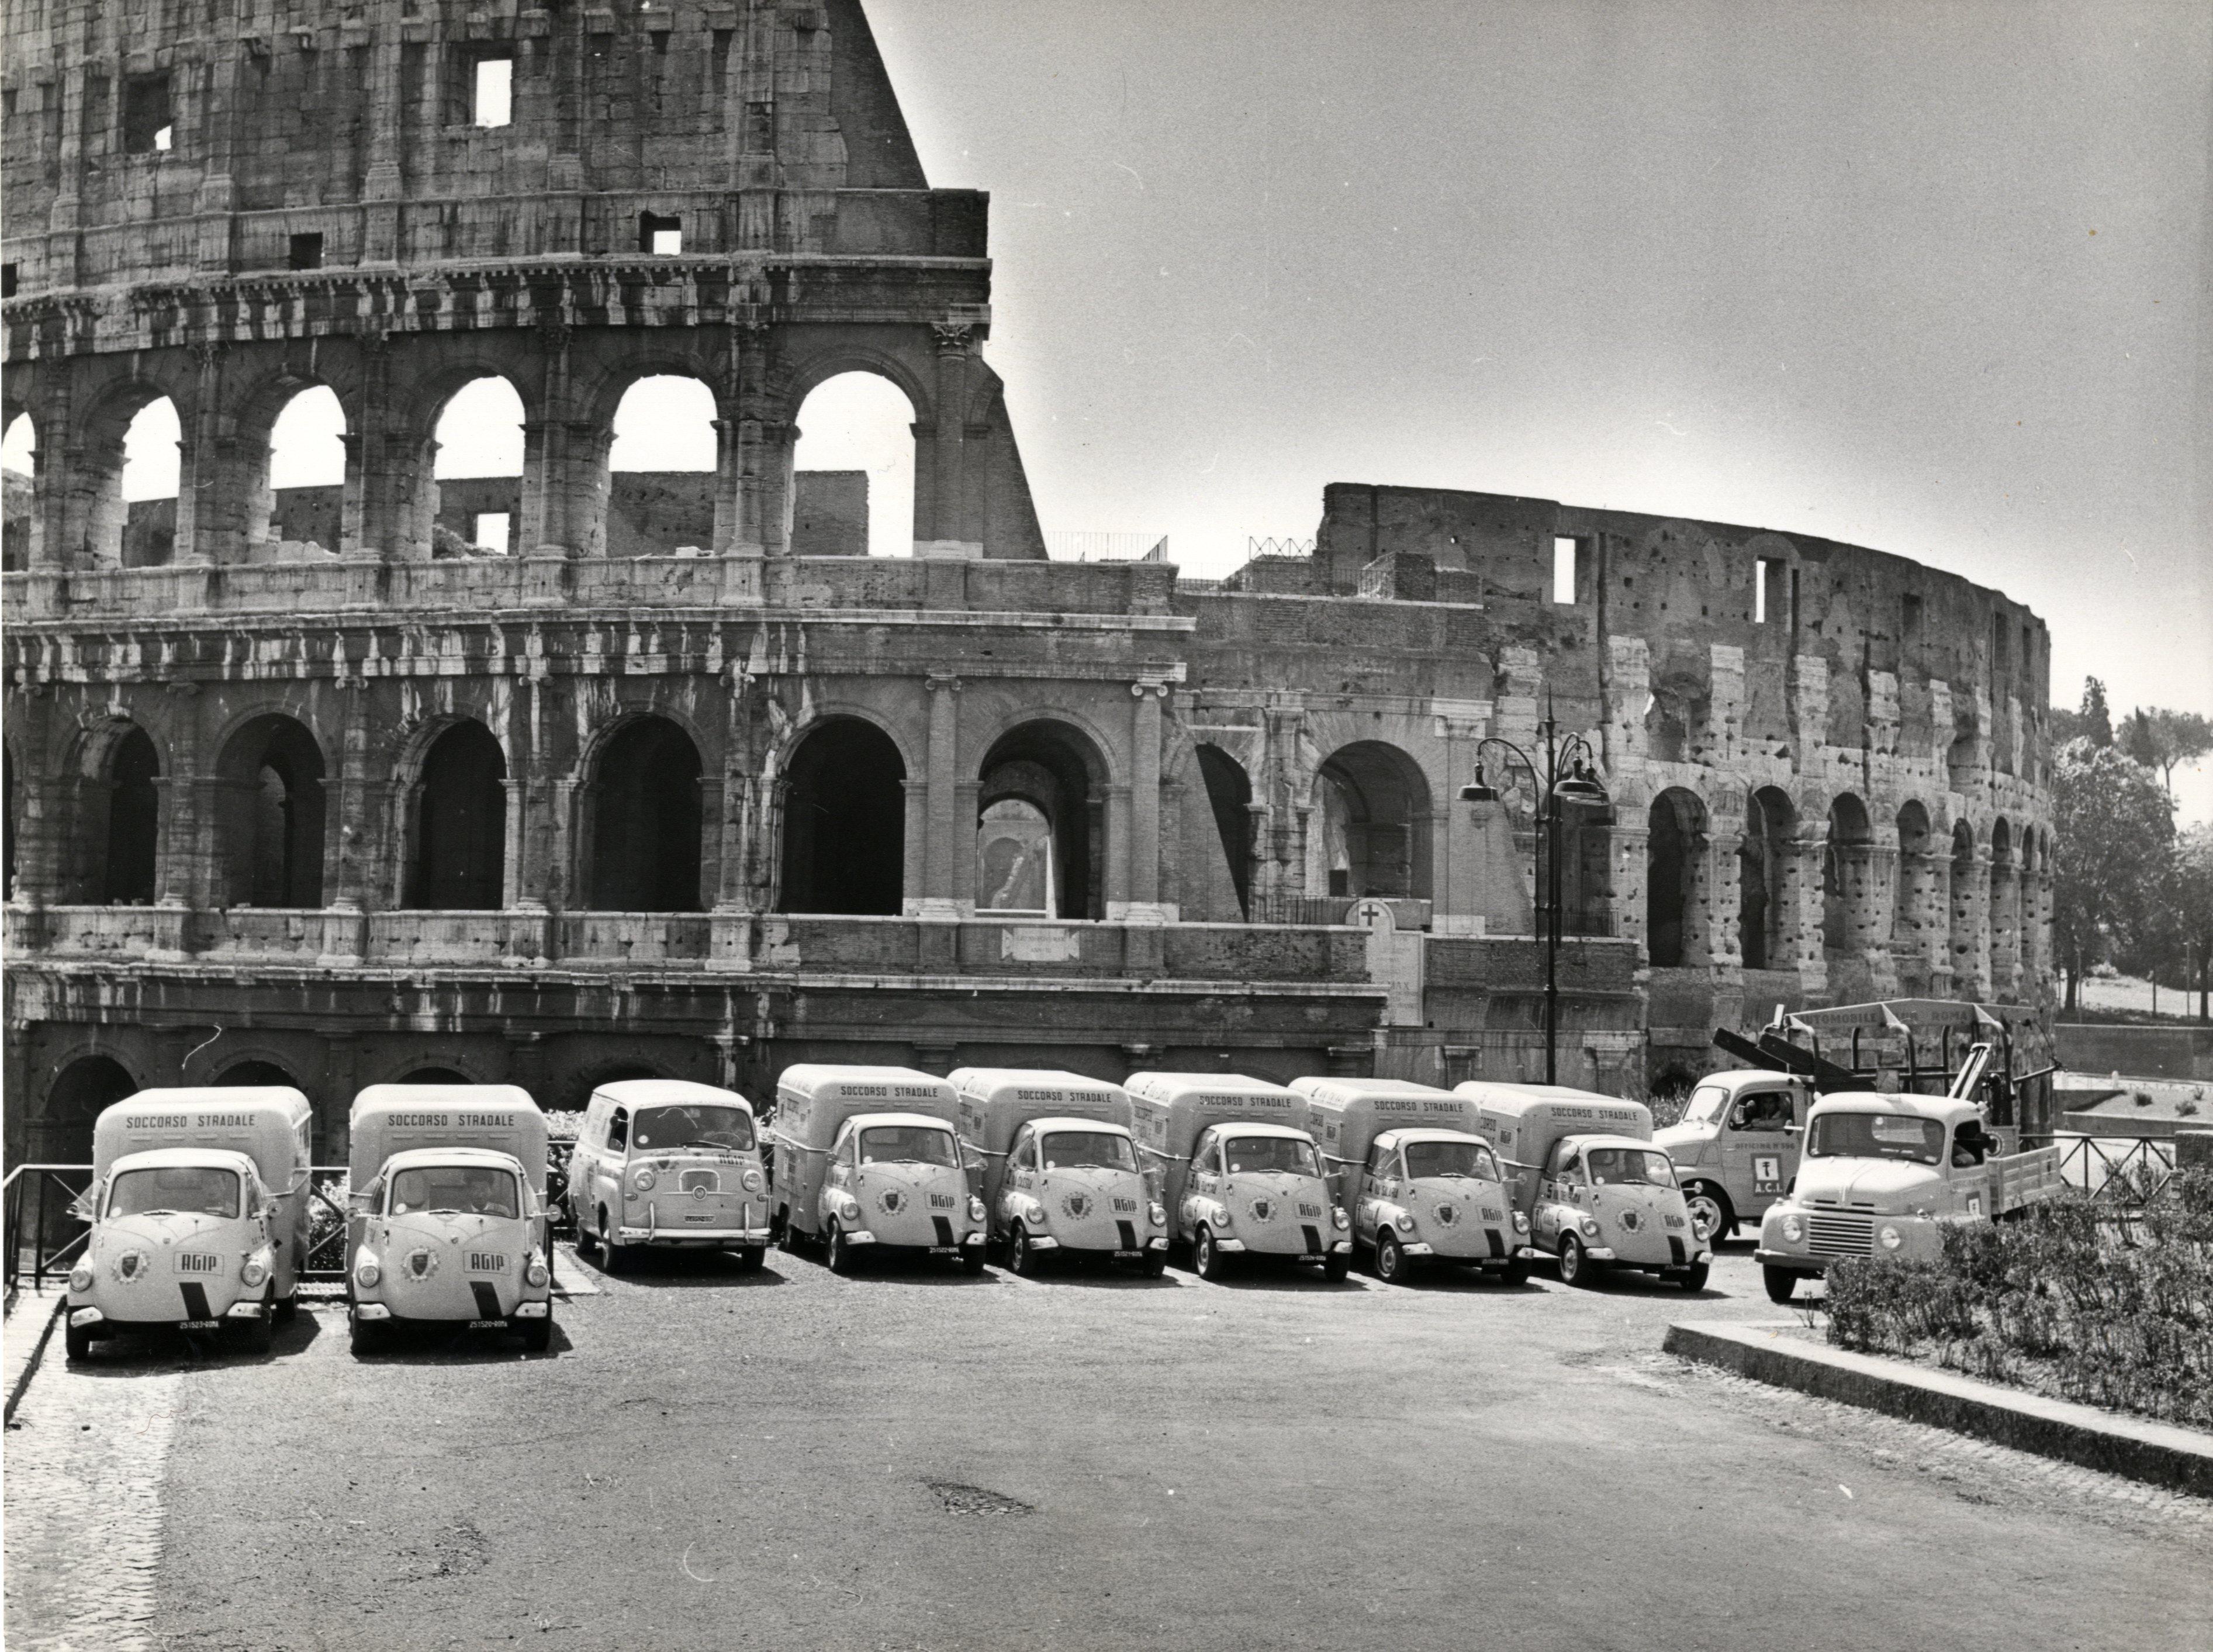 Srevizio assistenza auto mezzi stradali agip e aci 1956